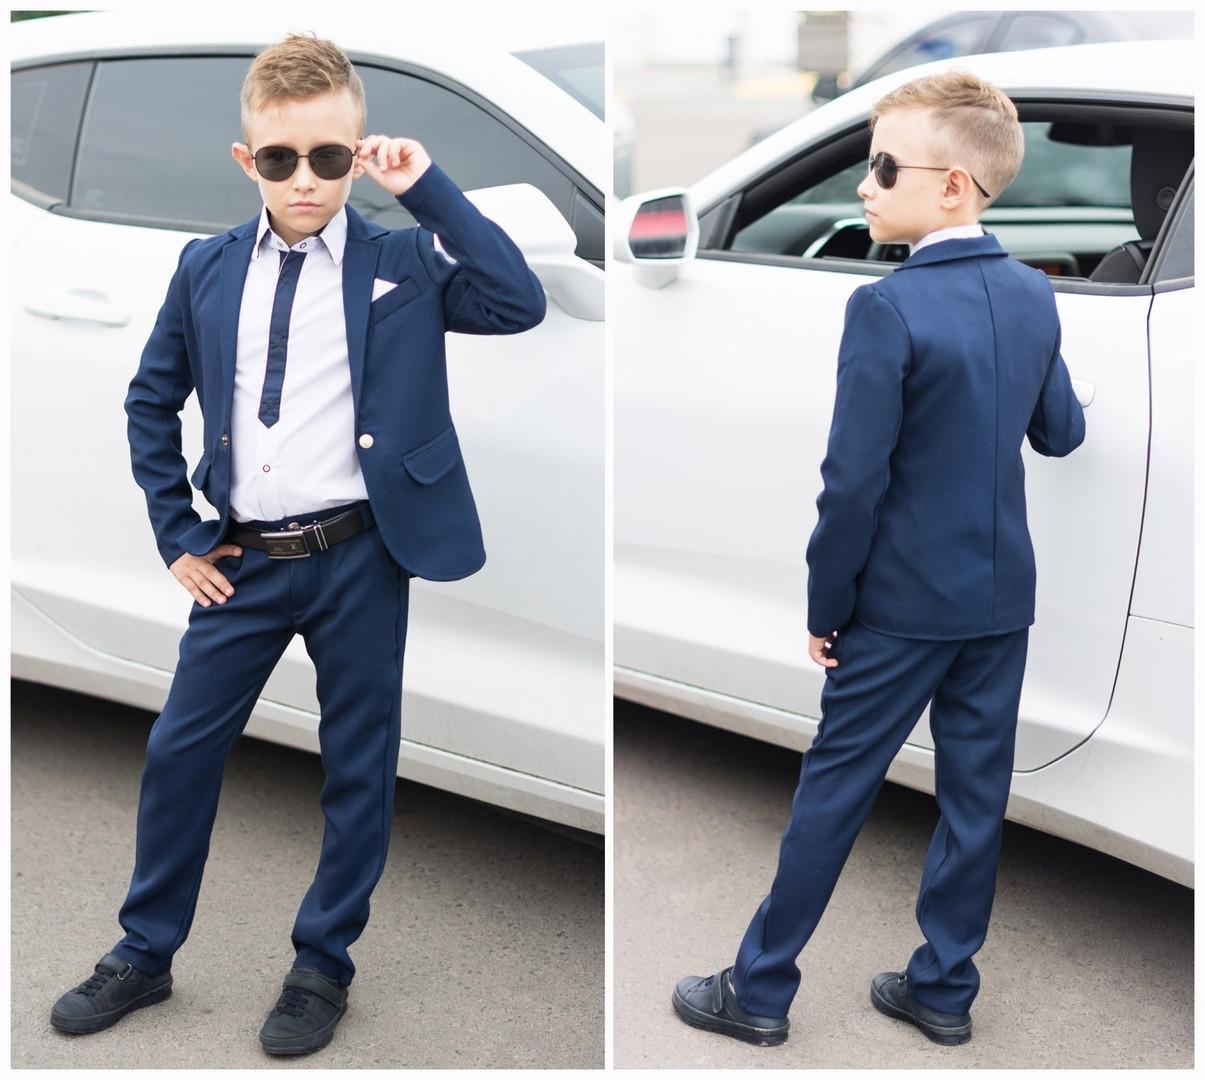 Стильный классический детский костюм для мальчика: пиджак и штаны из структурной брючной ткани